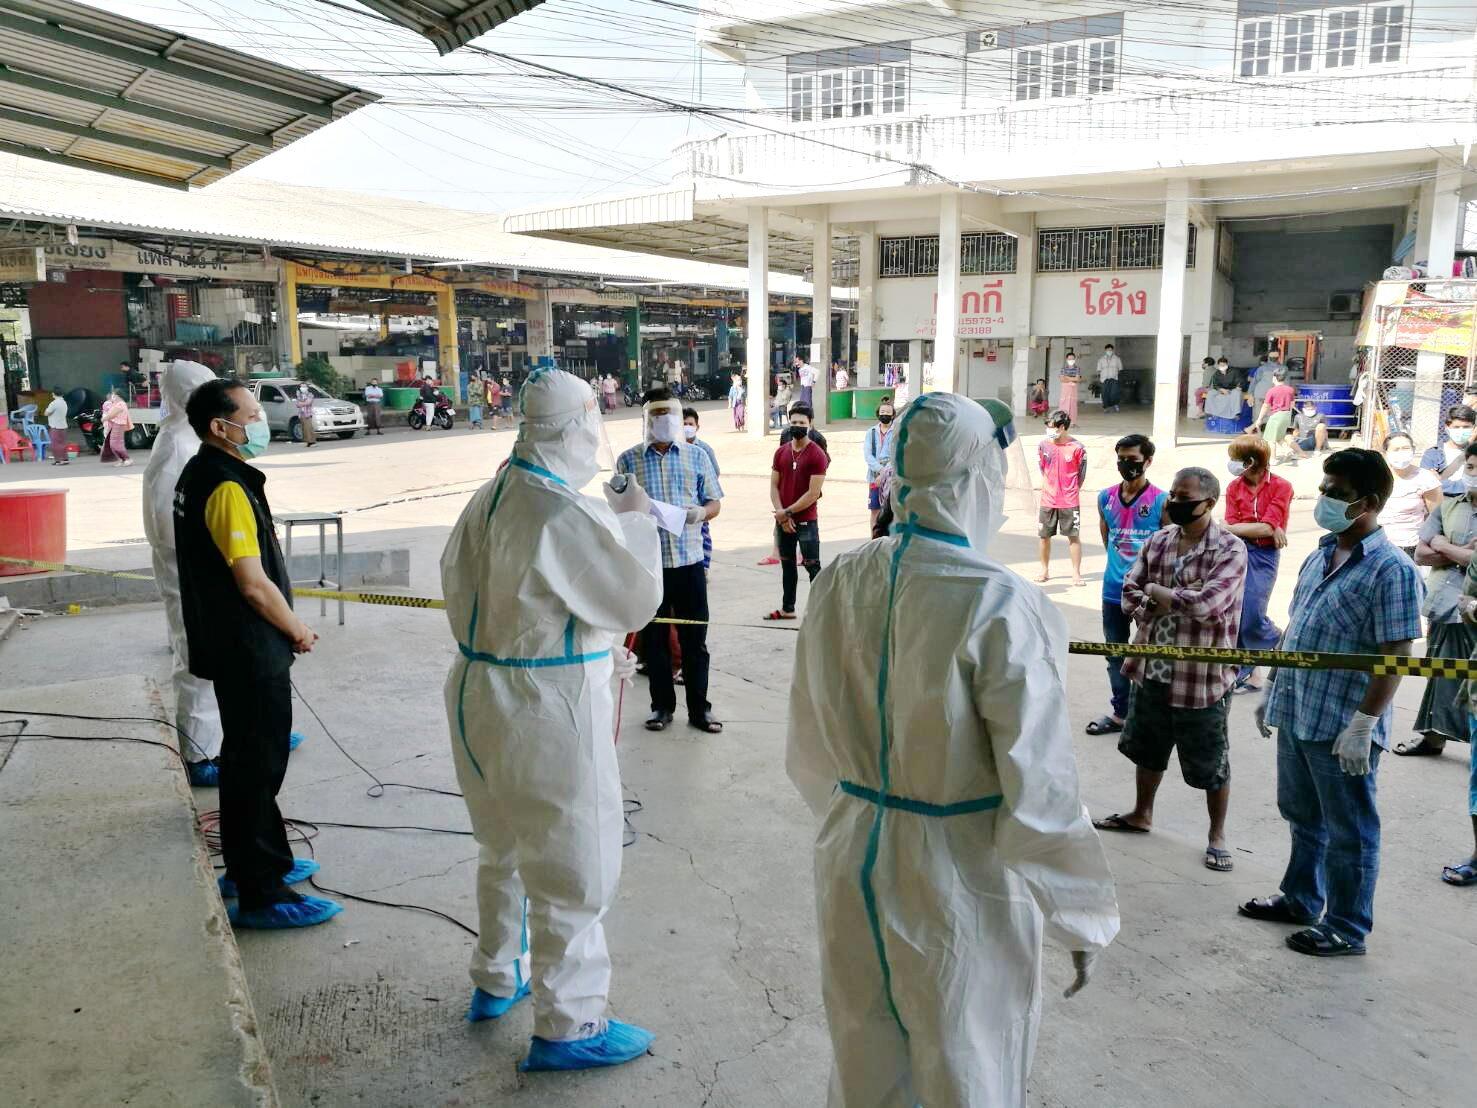 3 วัน โรงพยาบาลสนามตลาดกลางกุ้ง ให้บริการแล้ว 158 ราย เปิดตลอด 24 ชม.